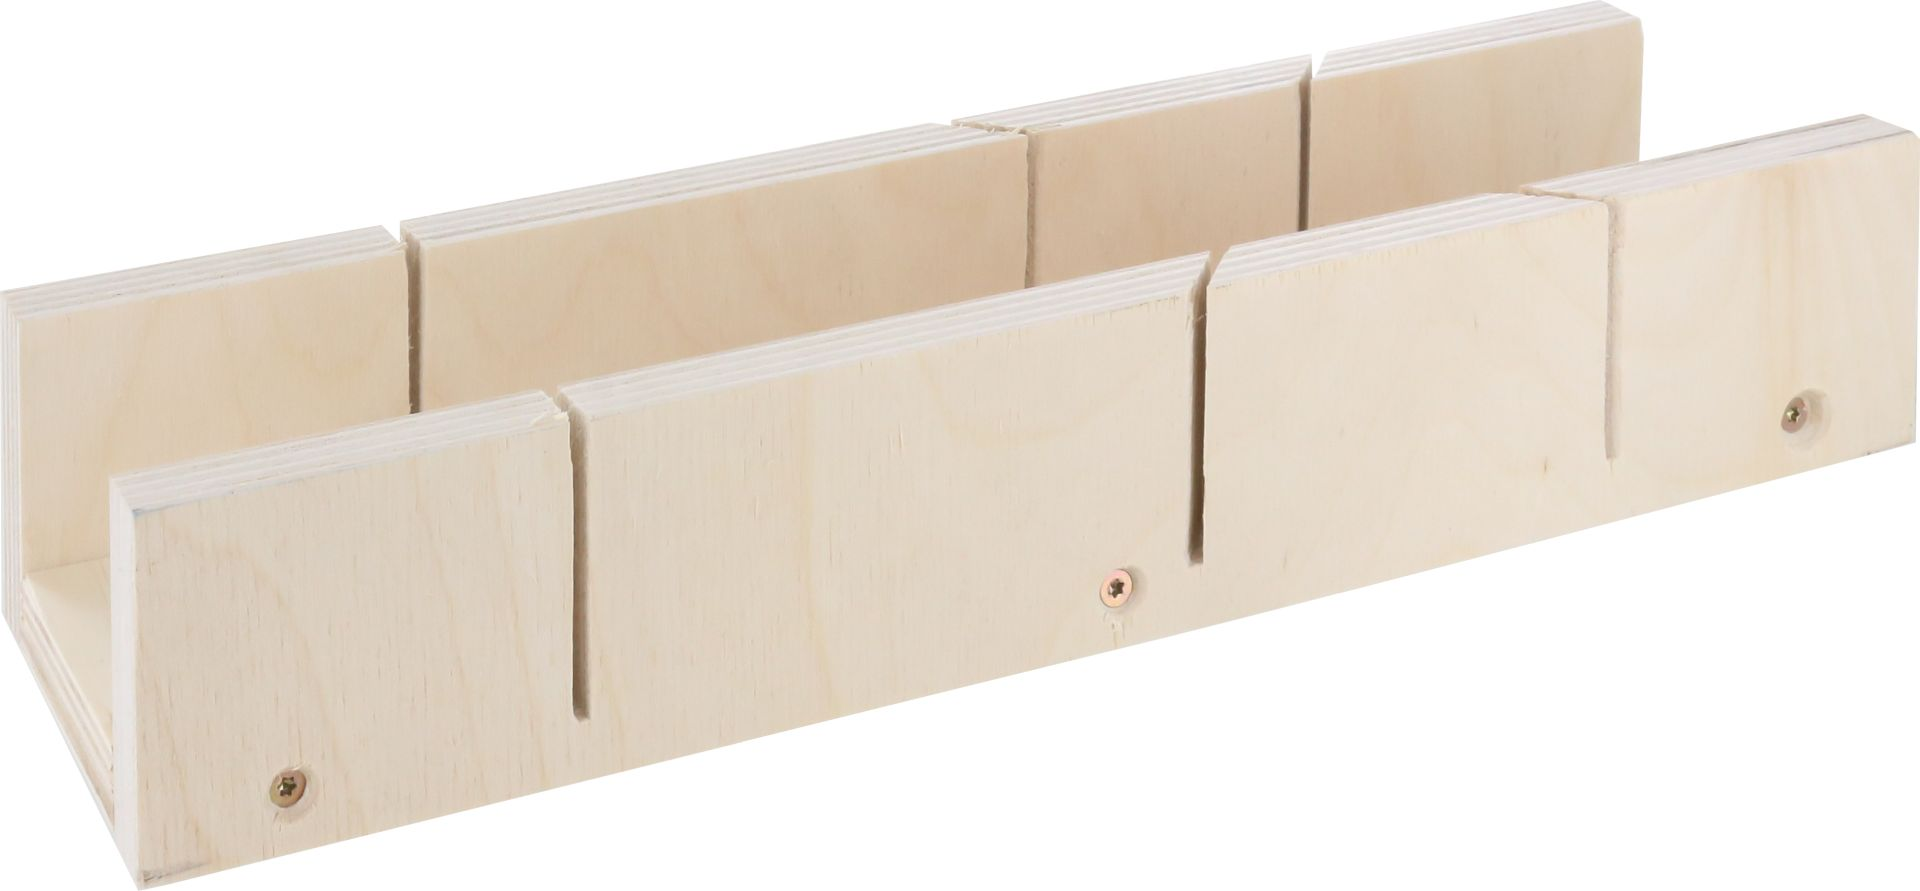 TRIUSO Schneidlade, Sperrholz, 9-schichtig, 300 x 53 x 39 mm